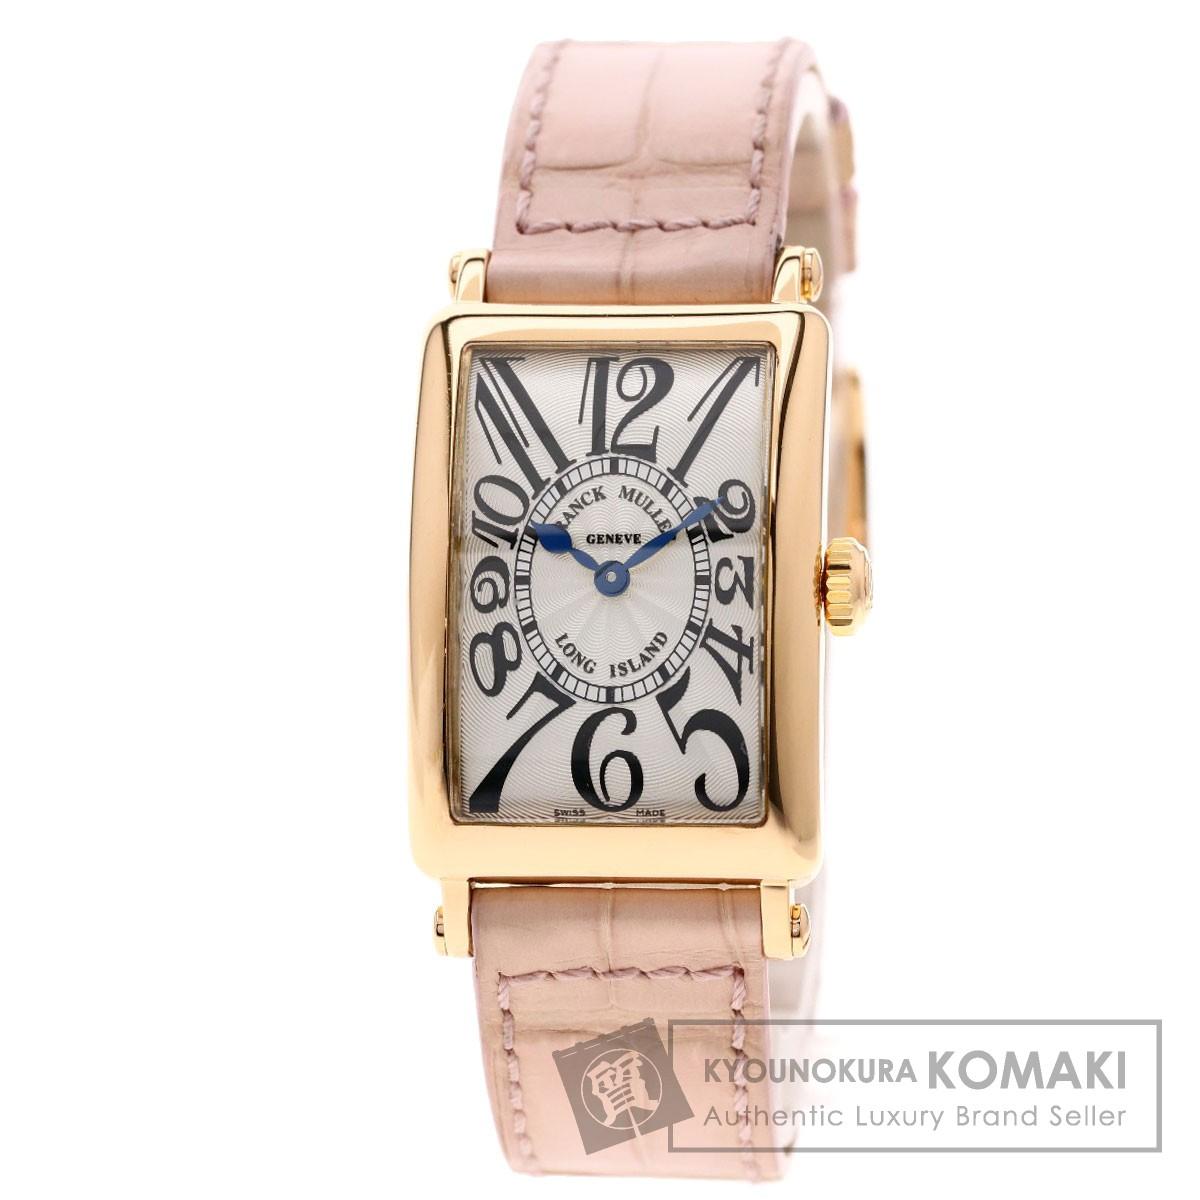 フランクミュラー 902QZ ロングアイランド 腕時計 K18ピンクゴールド/クロコダイル レディース 【中古】【FRANCK MULLER】